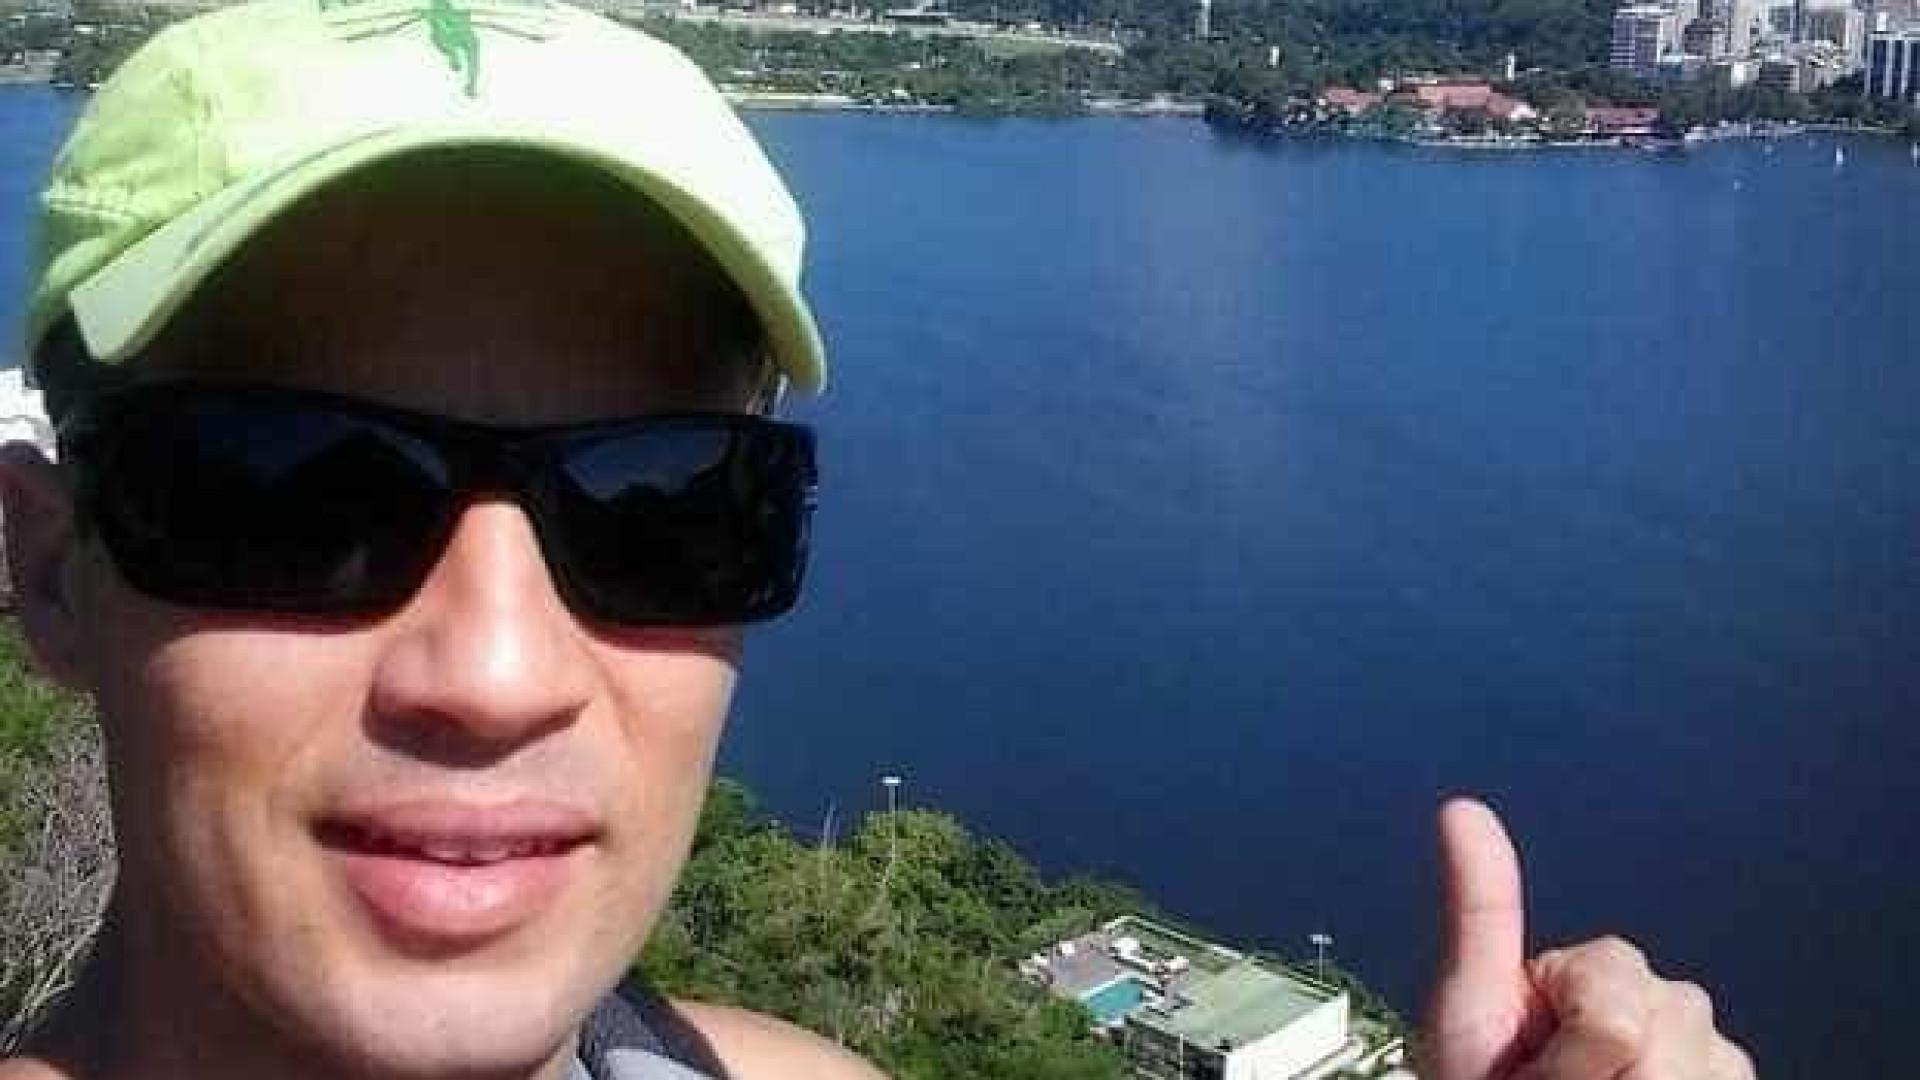 Corpo de triatleta que sumiu em competição é encontrado no RJ